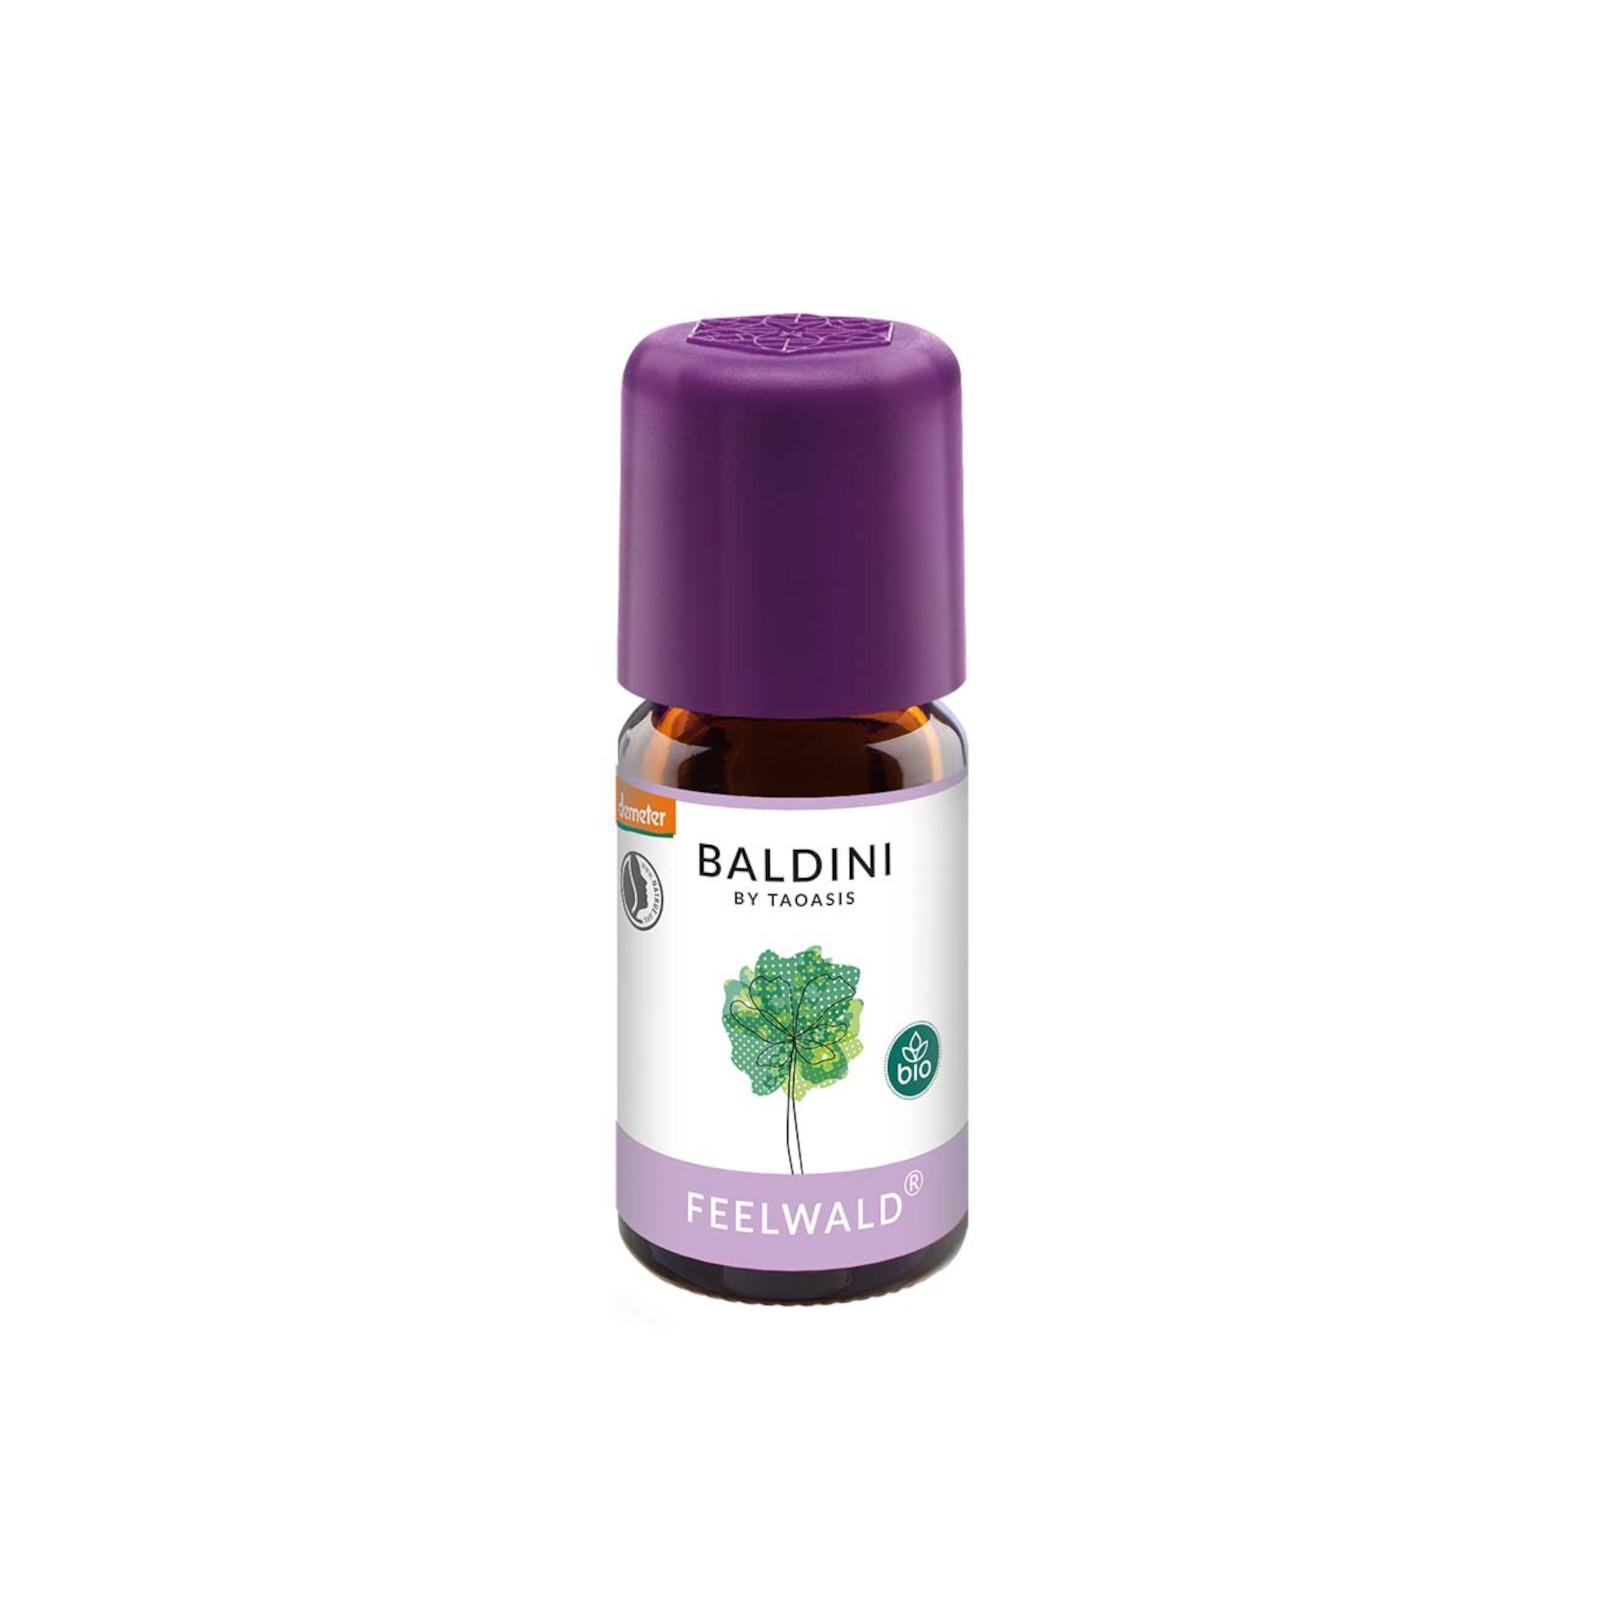 Taoasis Vůně lesa, Bio Baldini 5 ml